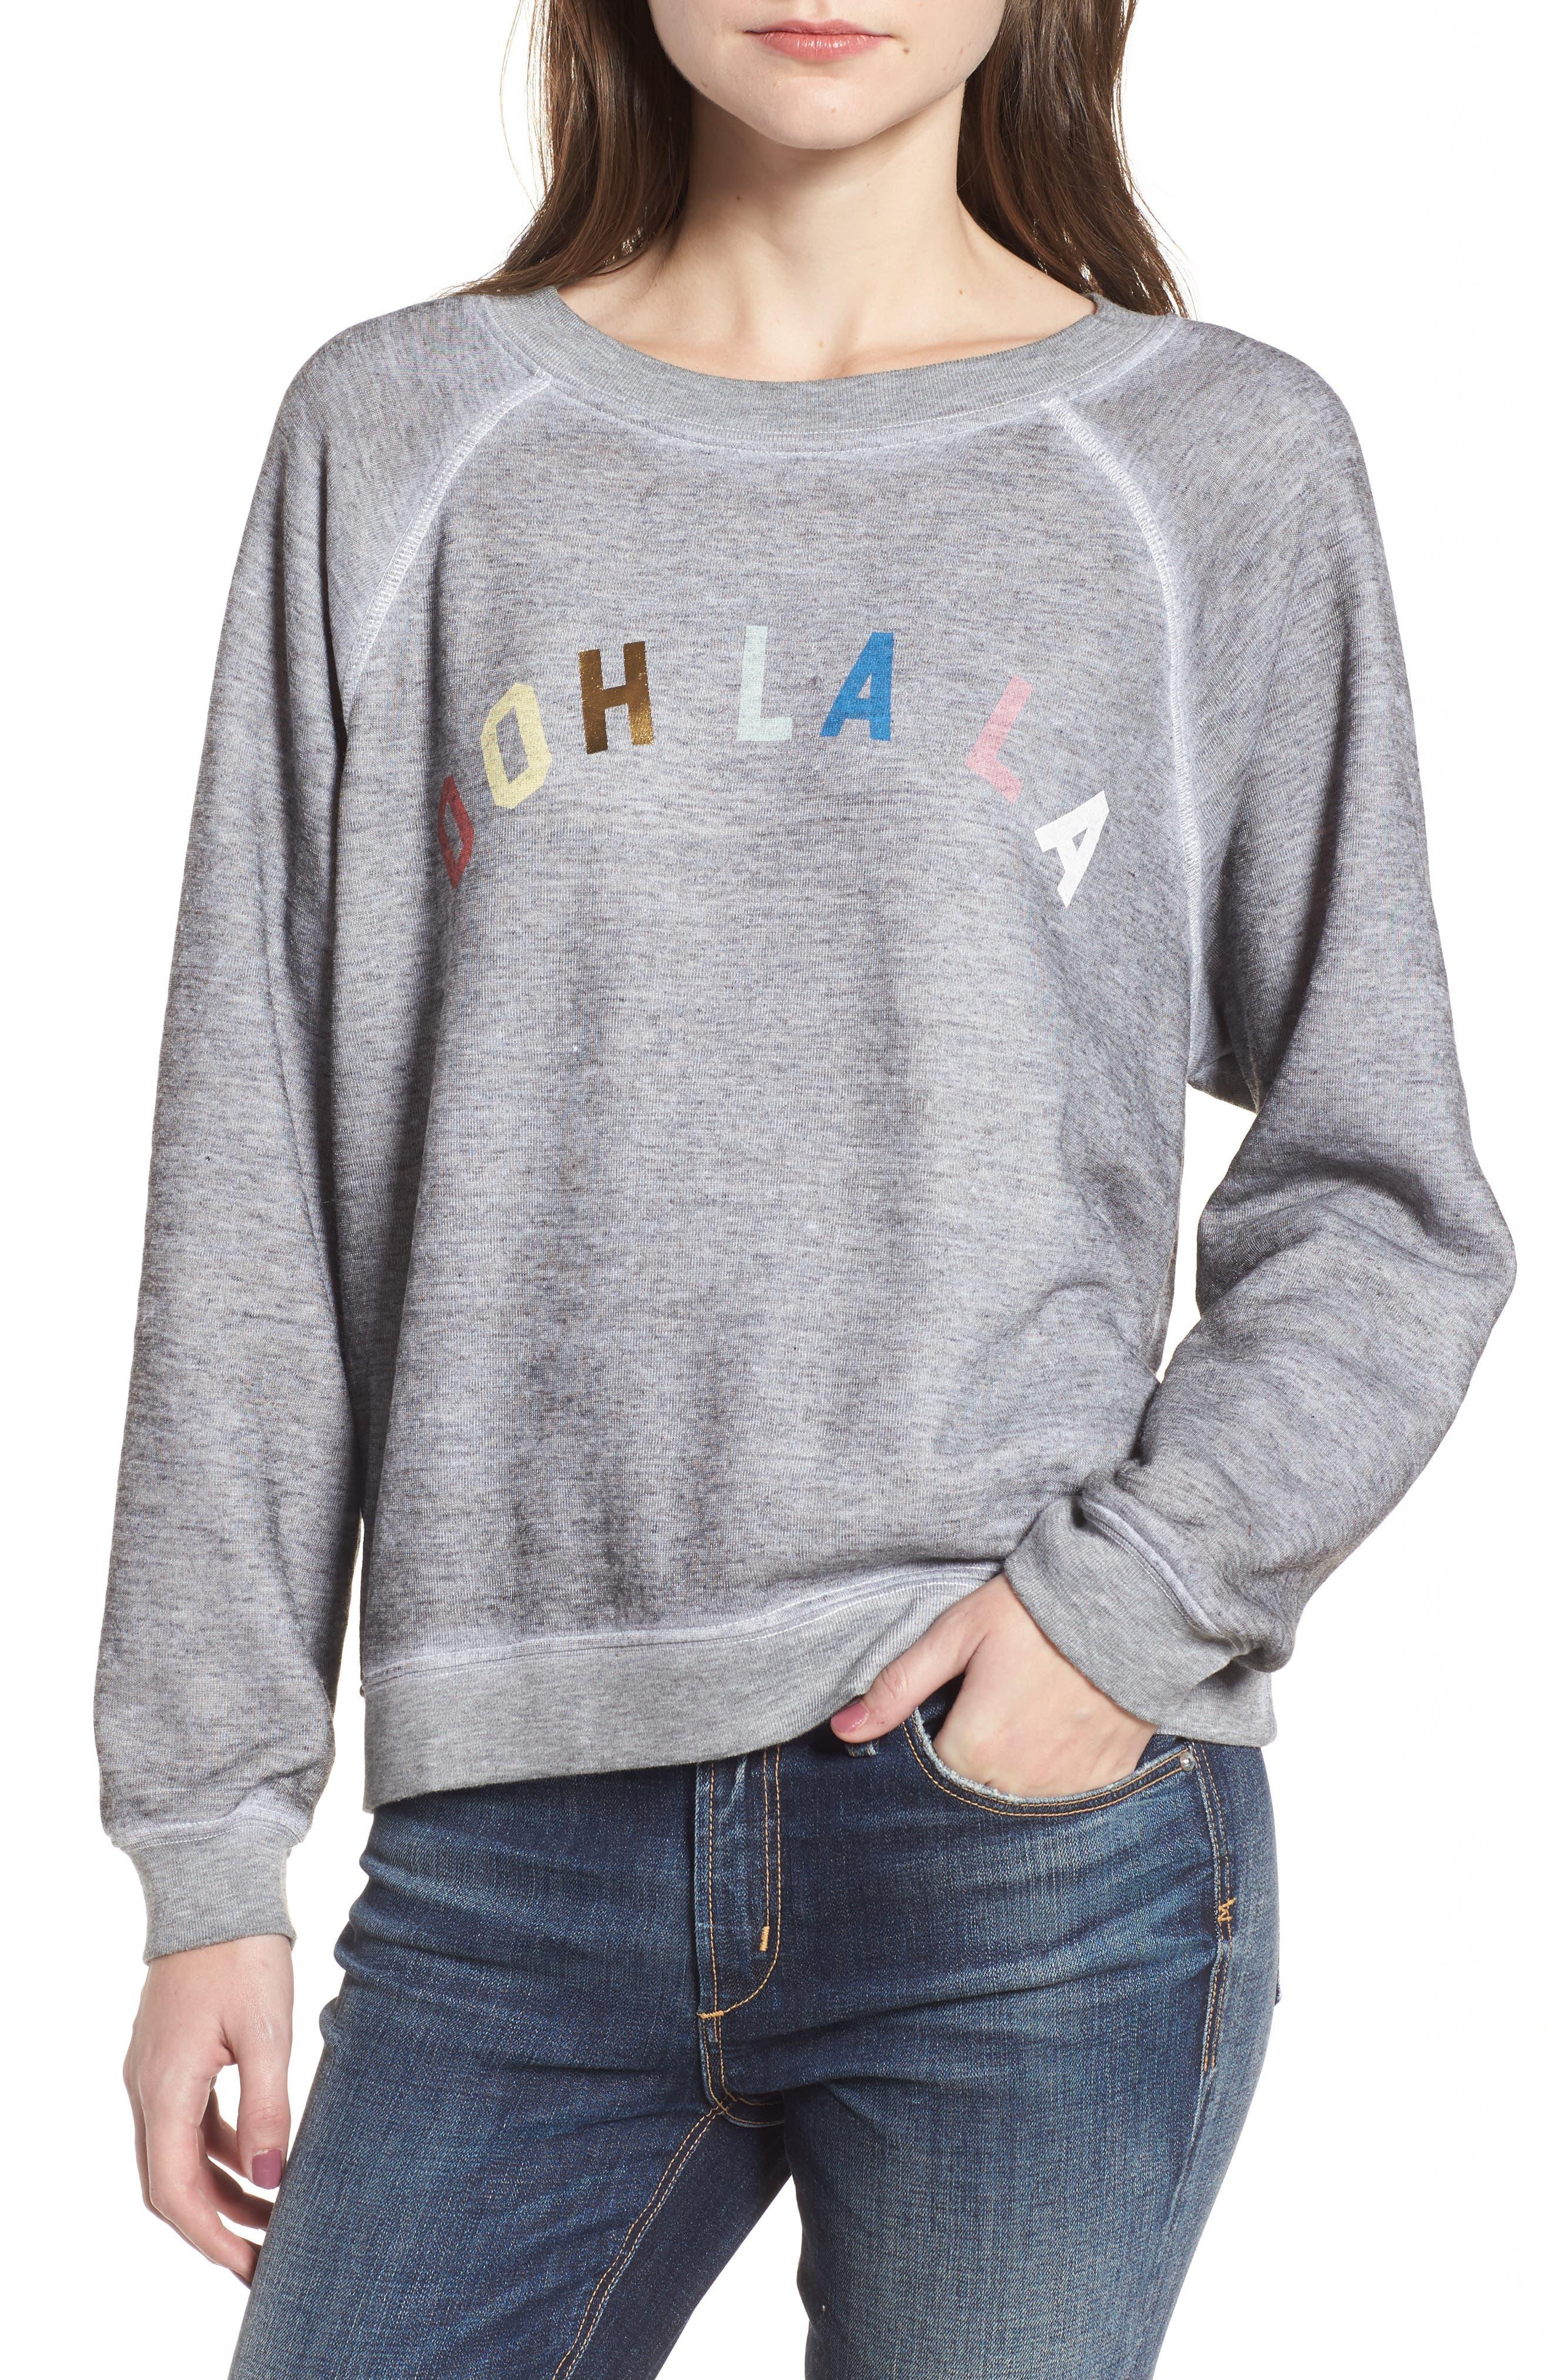 Ooh La La Sweatshirt,                         Main,                         color, 020